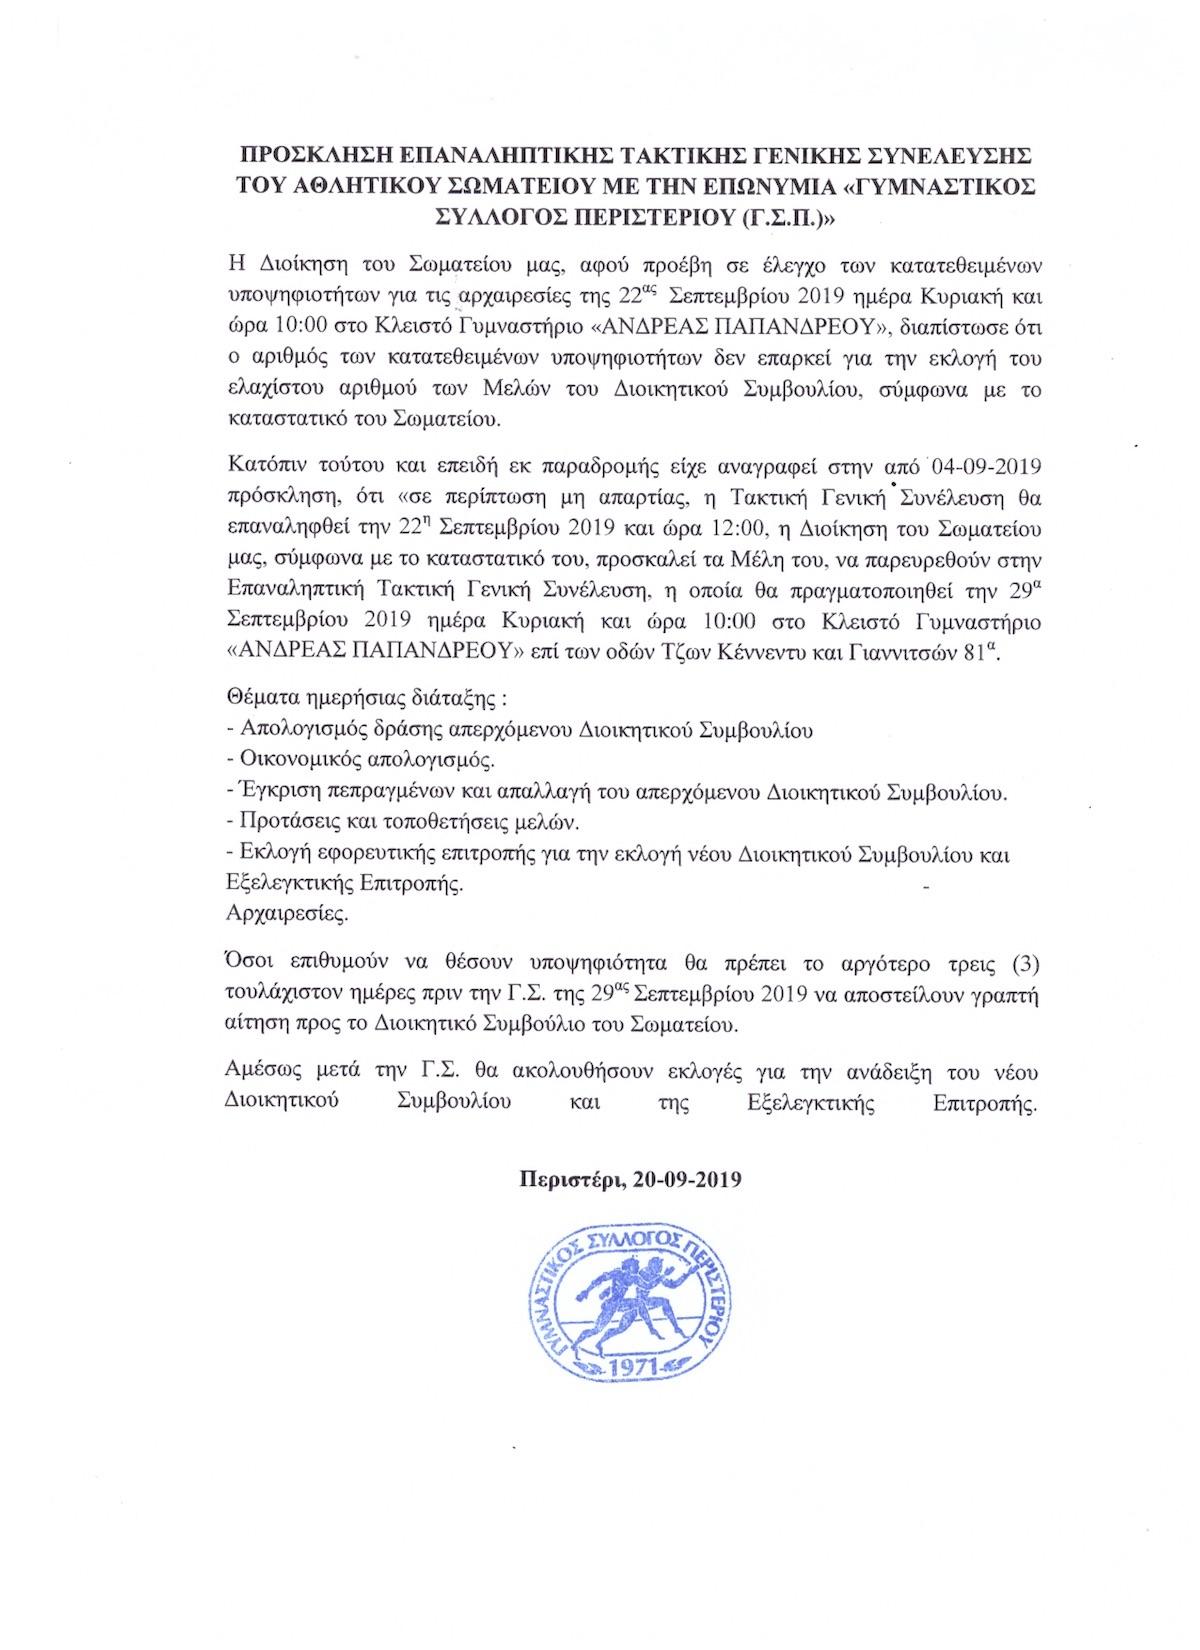 Πρόσκληση επαναληπτικής τακτικής Γενικής Συνέλευσης του αθλητικού σωματείου με την επωνυμία «Γυμναστικός Σύλλογος Περιστερίου (Γ.Σ.Π)»